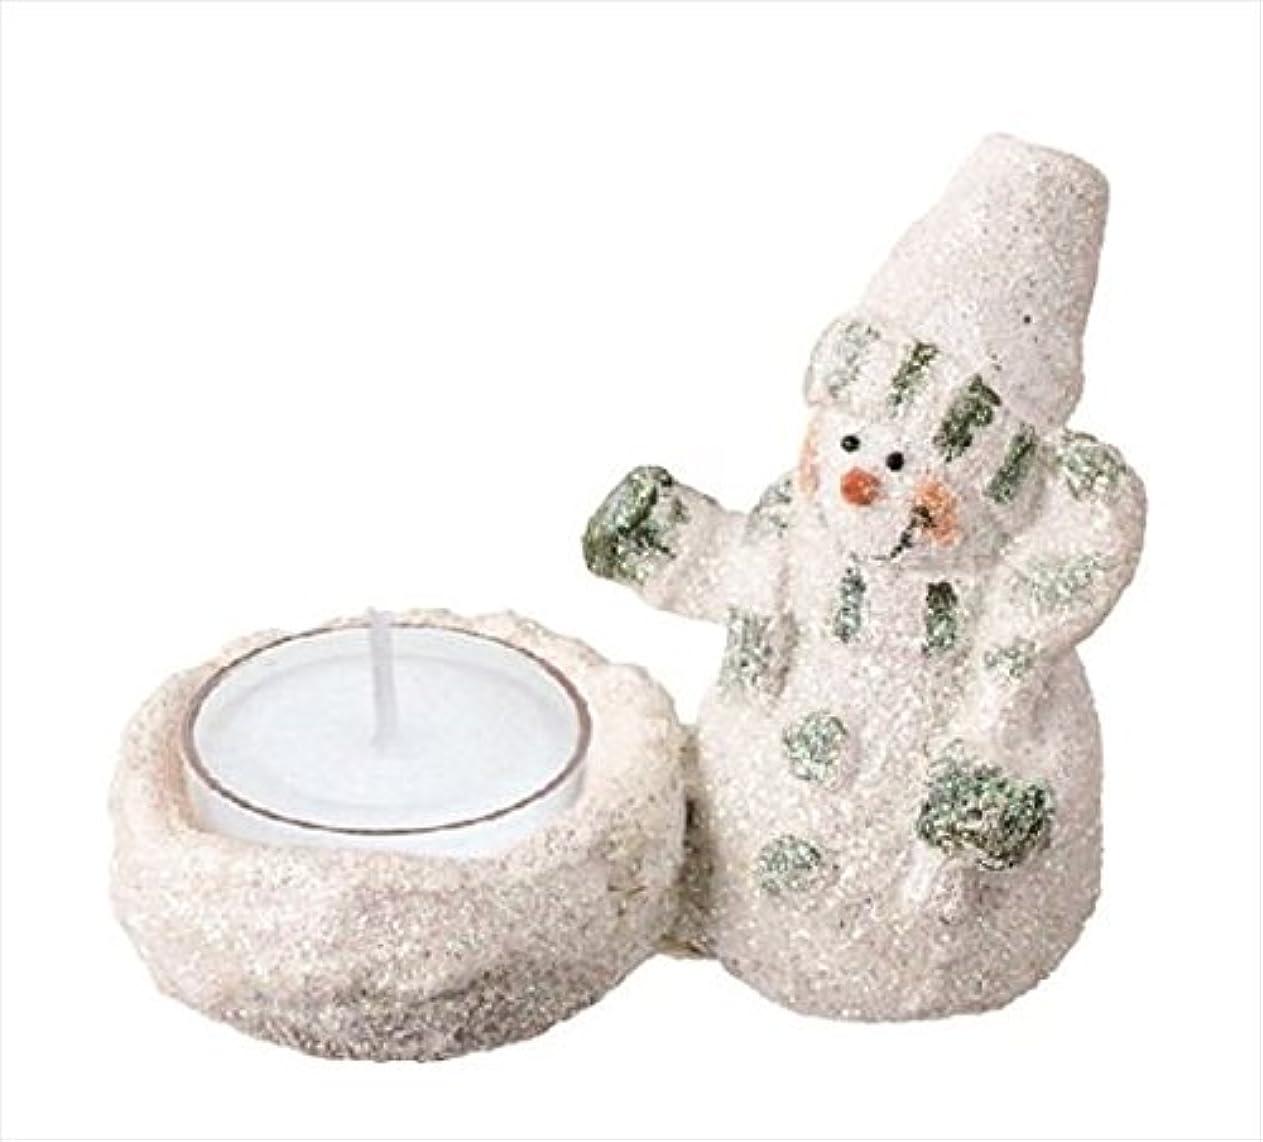 苦しめるタックル呪いkameyama candle(カメヤマキャンドル) グリッタースノーマンホルダー 「 グリーン 」(J5520000G)